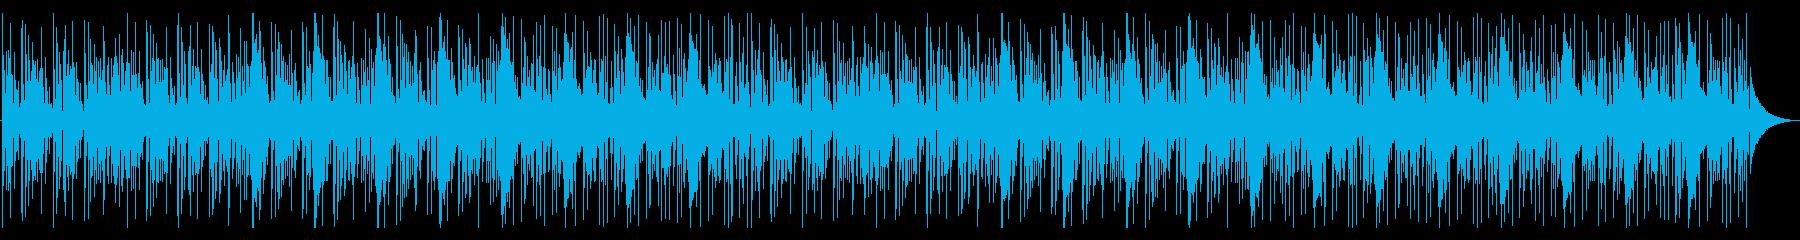 アウトロー雰囲気のヒップホップ536_2の再生済みの波形